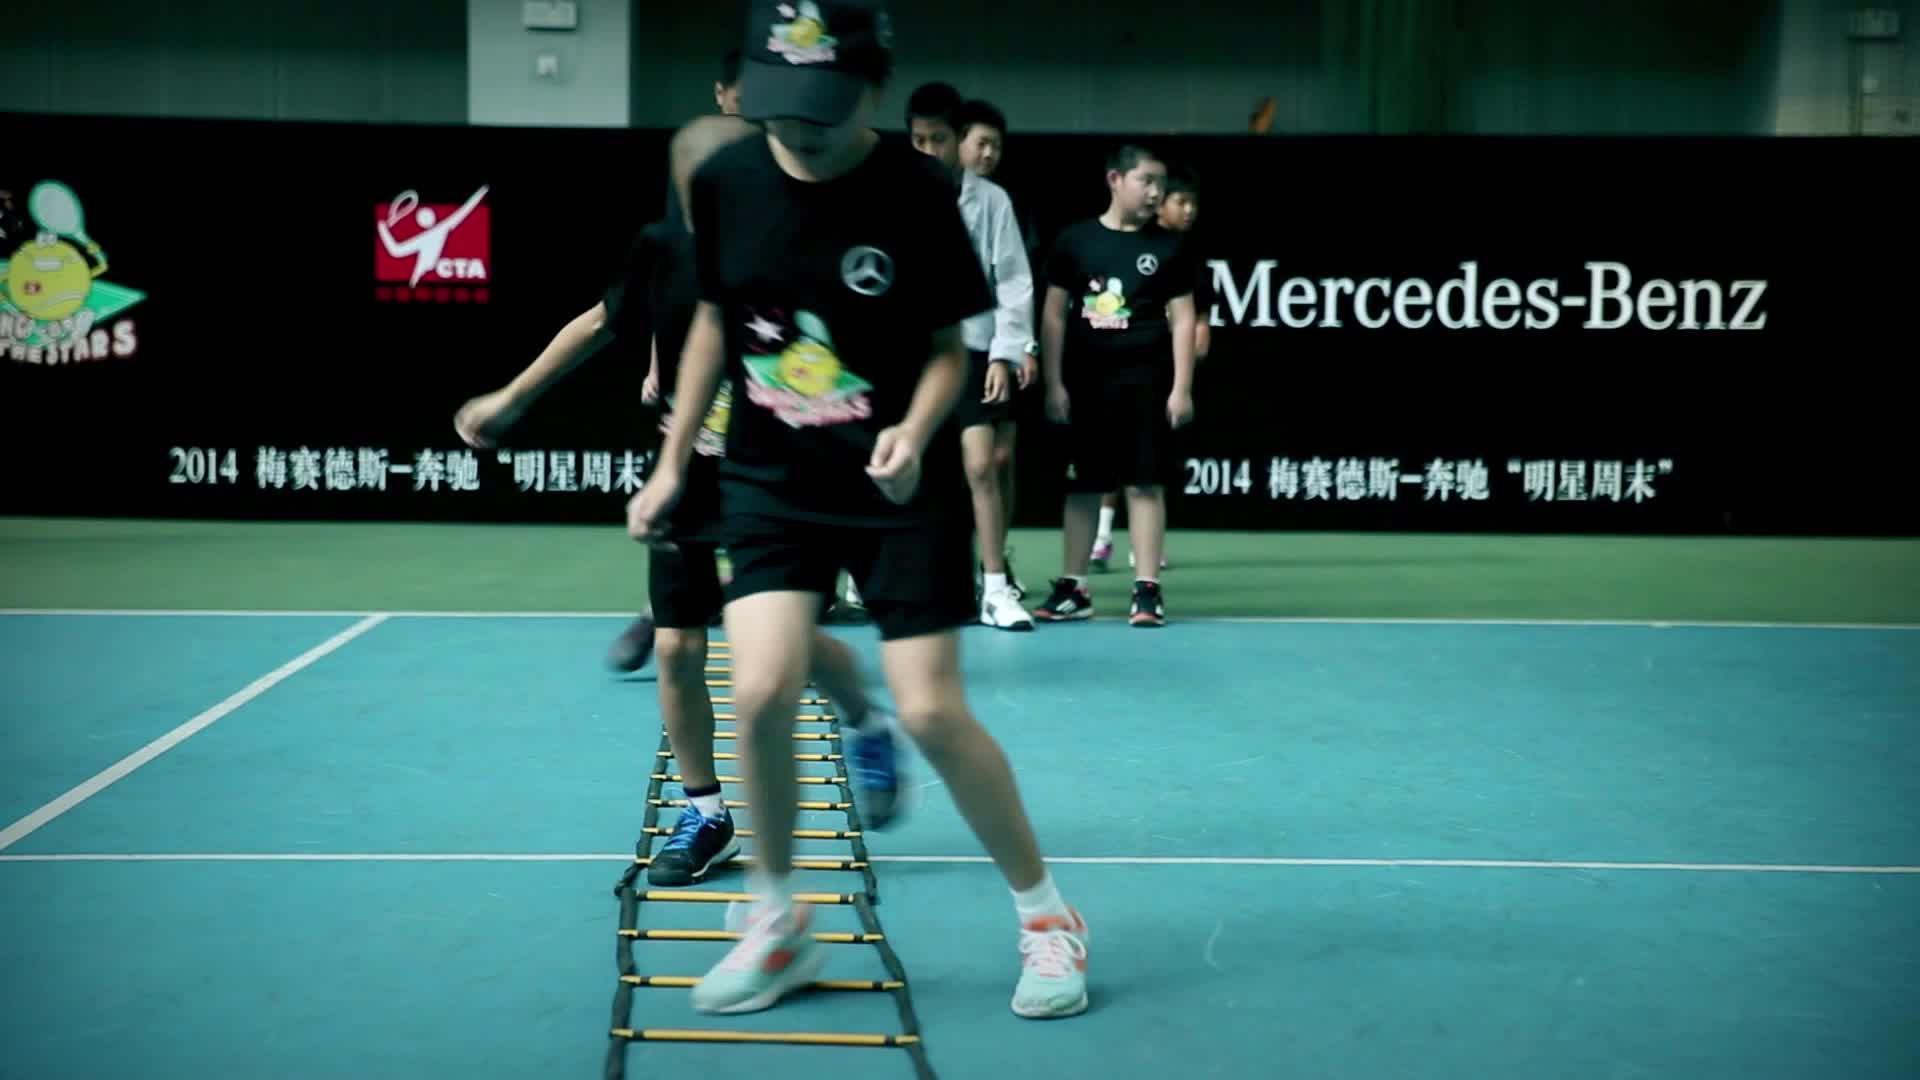 """梅赛德斯-奔驰""""明日之星""""青少年武术日本网球动作片图片"""